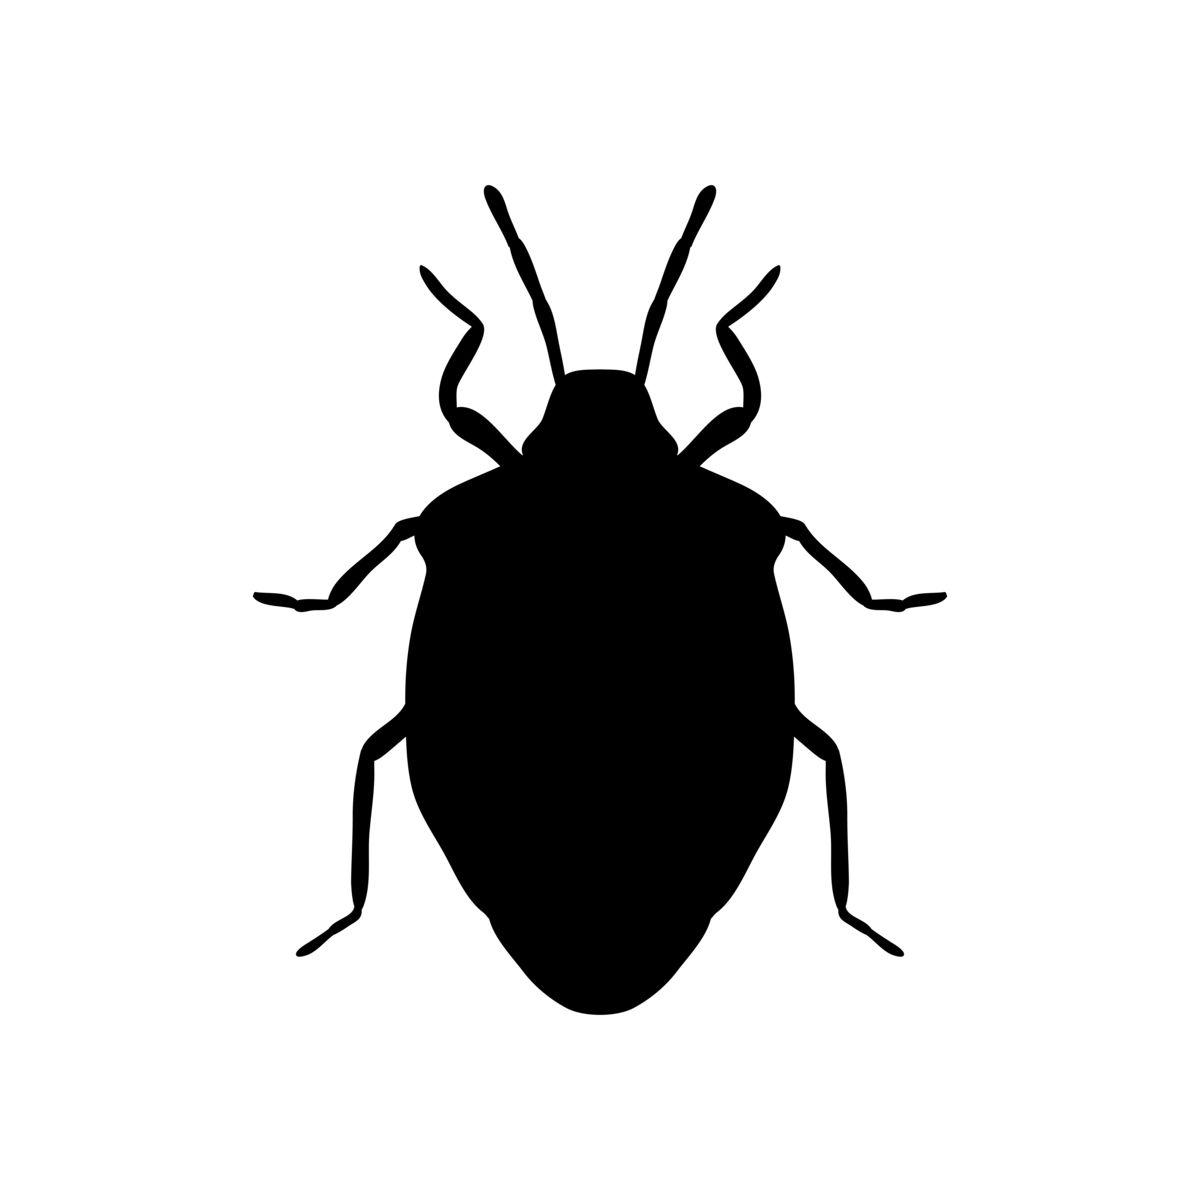 カメムシの効果的な駆除方法5つとおすすめ殺虫剤top10 プロ監修